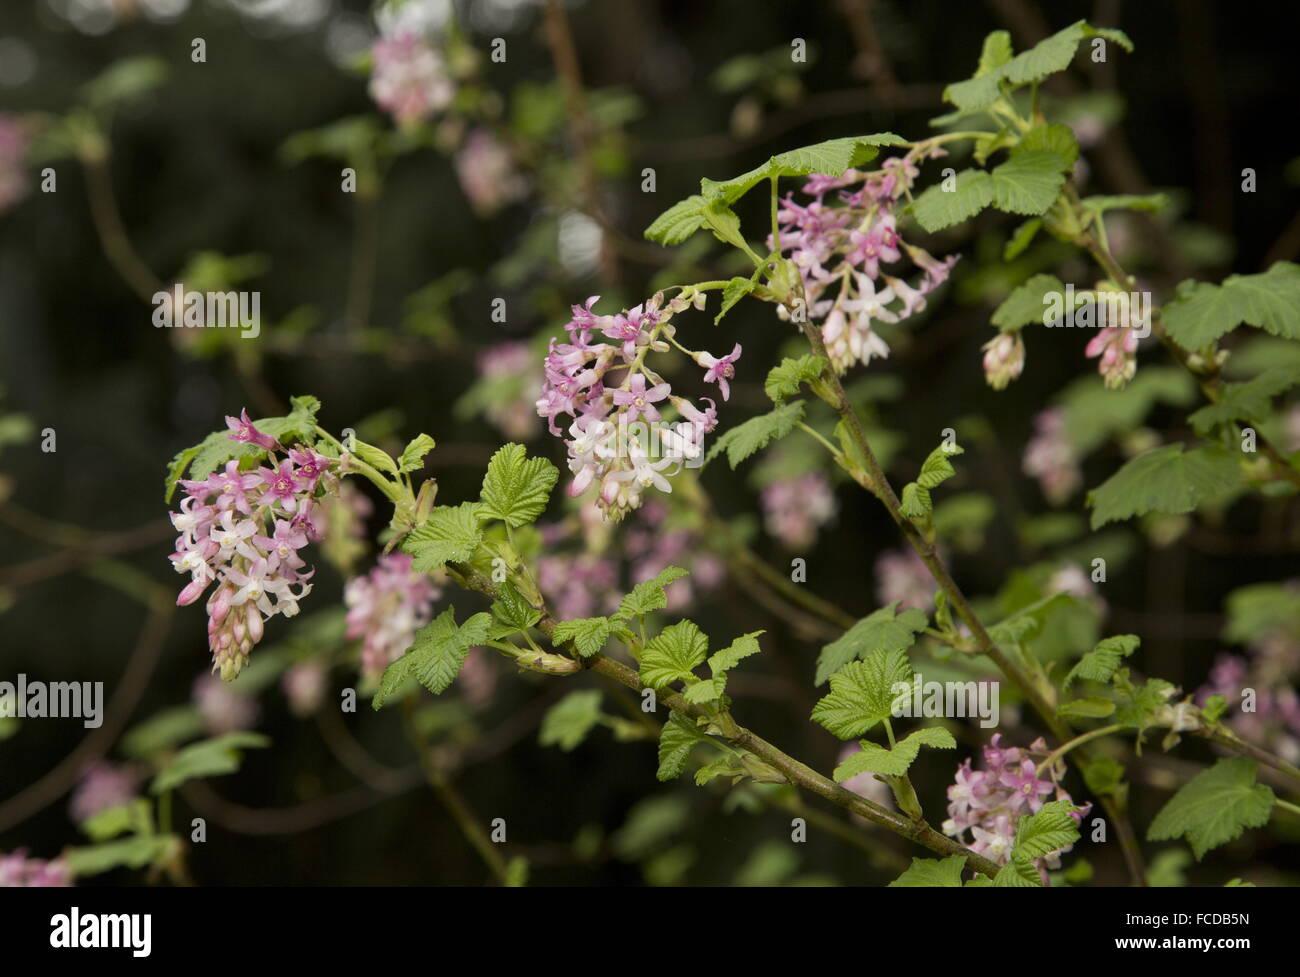 Stinken Sie Johannisbeere, Ribes Bracteosum in Blüte; Kalifornien. Stockbild